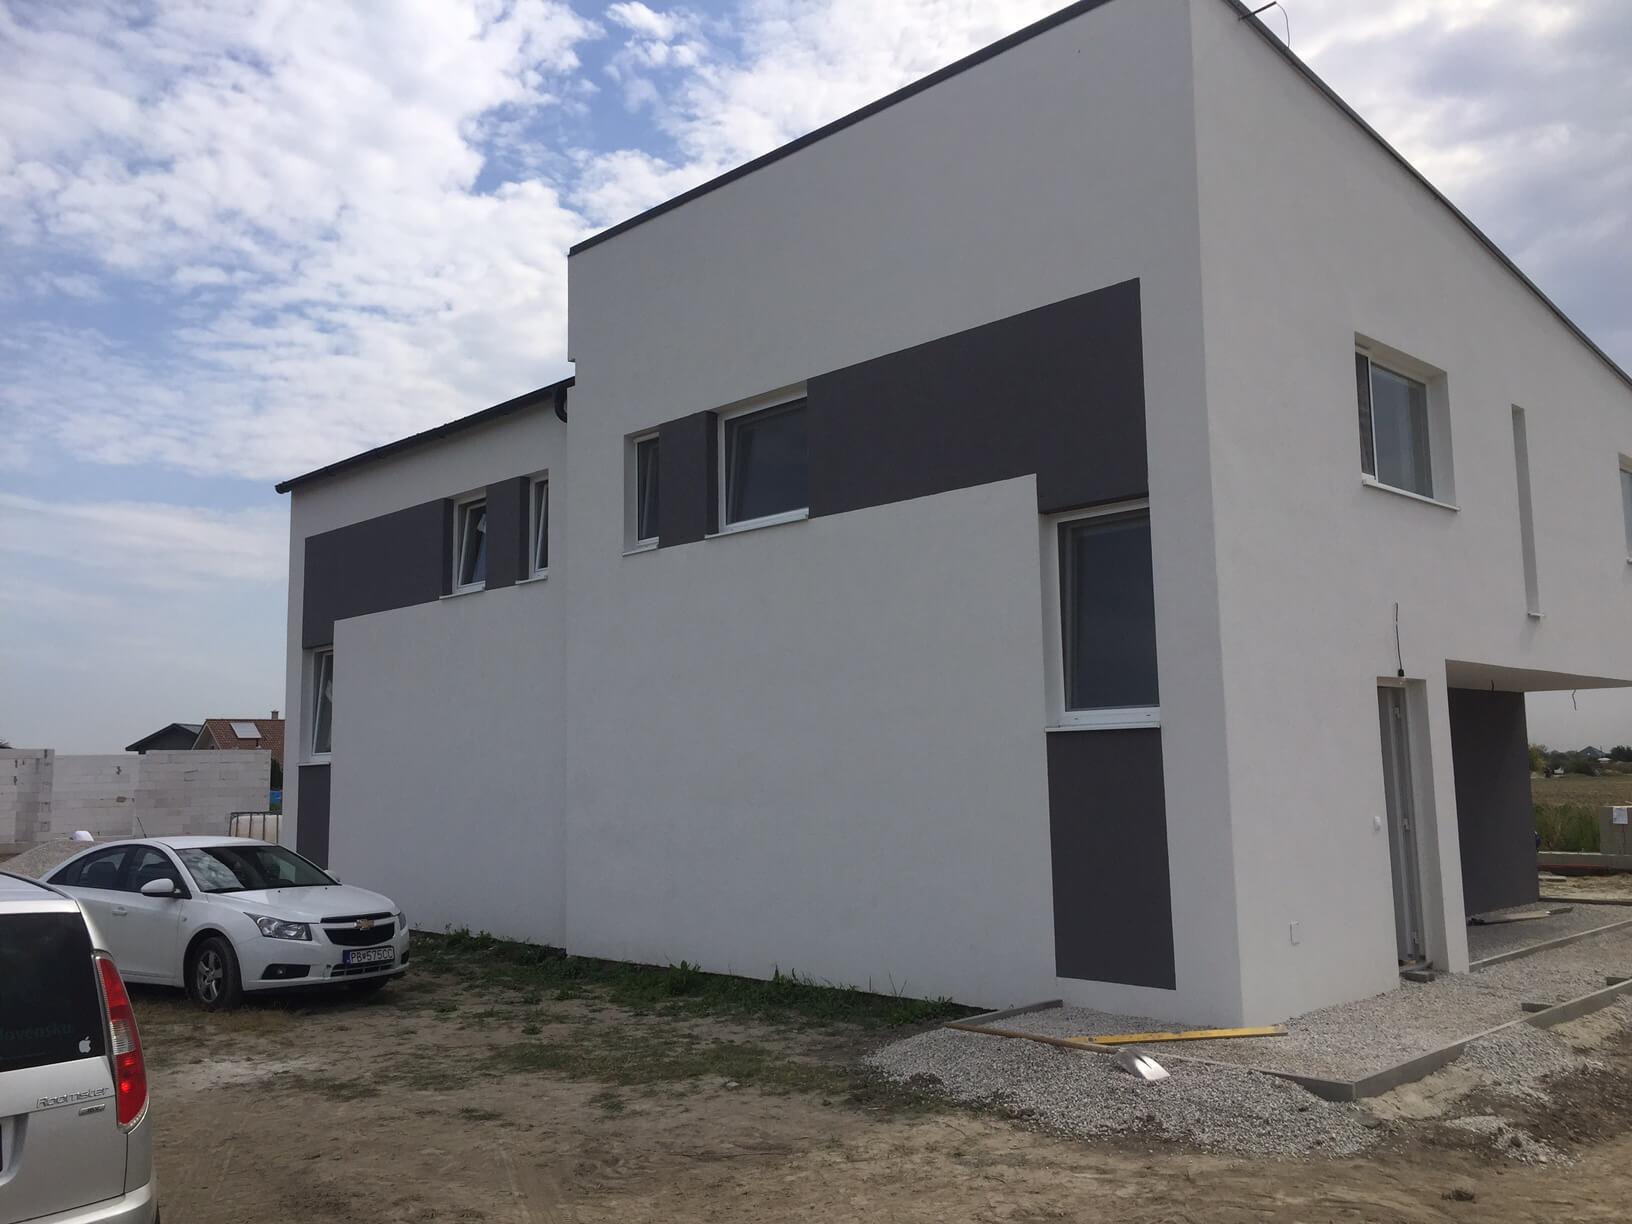 Predané: Posledný Rodinný dom v Dunajskej Lužnej v tichej lokalite, pri Košariskách, pri vlaku, 106m2, pozemok 422m2-12